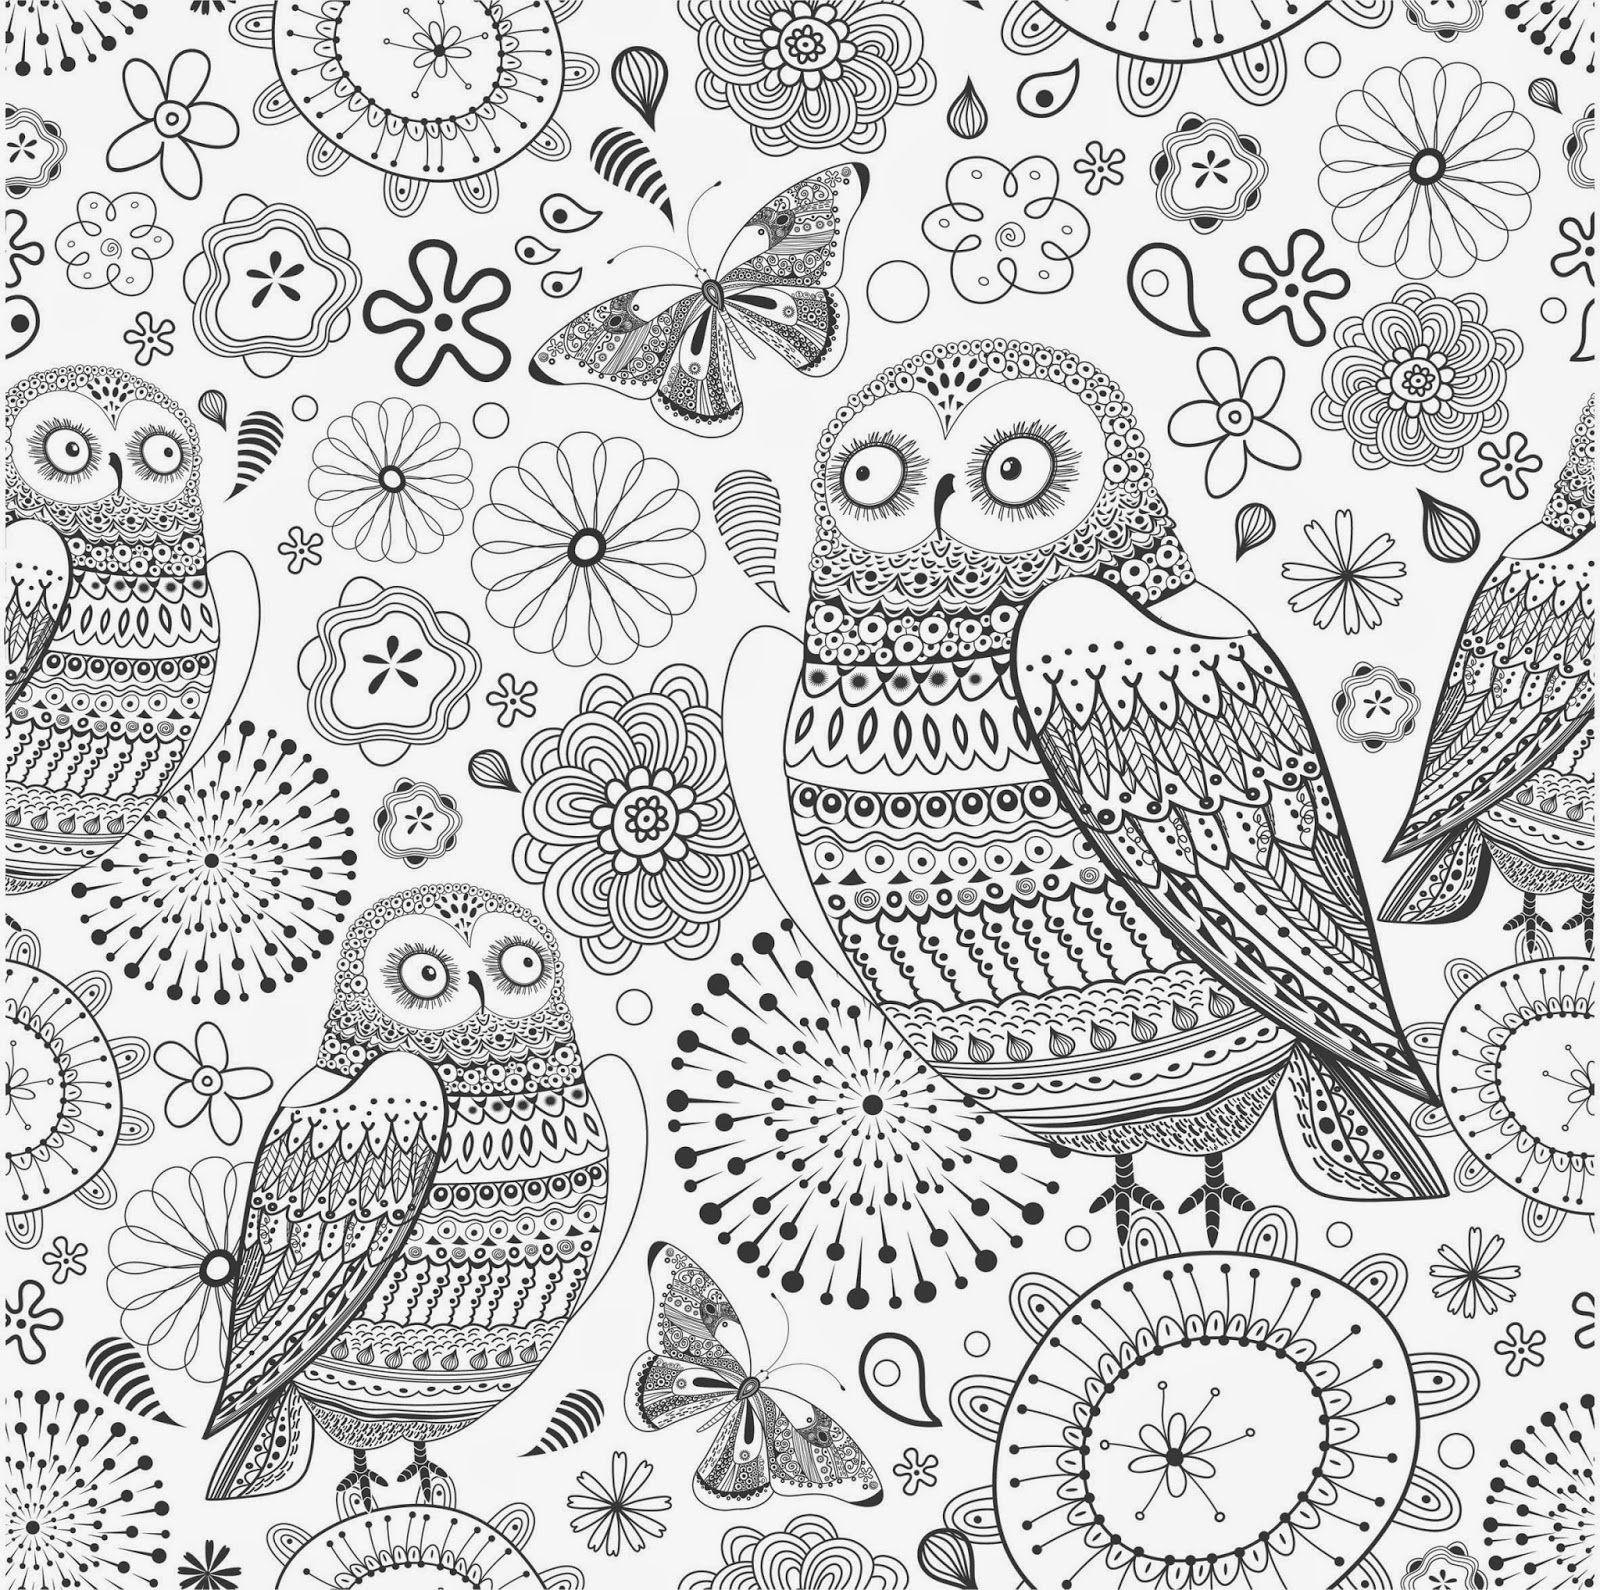 Https Www Google Pl Search Q Odstresuj Sie Polacz Kropki Swiat Przyrody Ludzie I Zabytki Buhos Para Colorear Pintar Para Adultos Dibujos Para Pintar